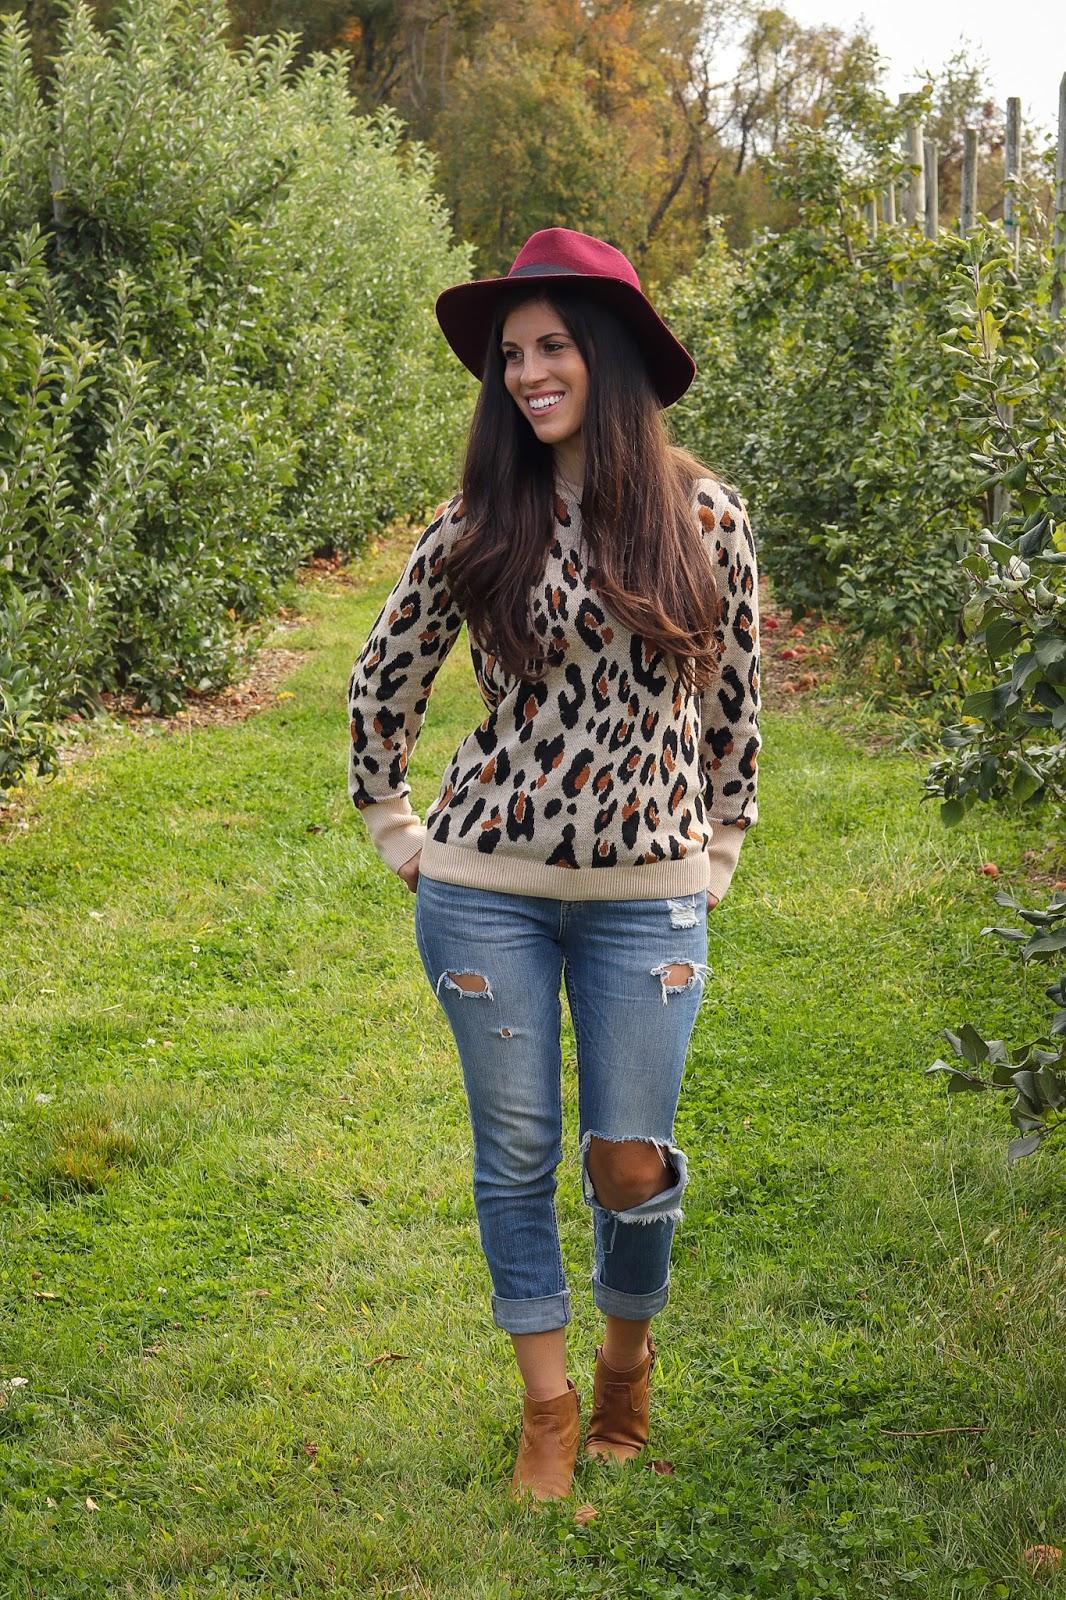 target-animal-print-sweater